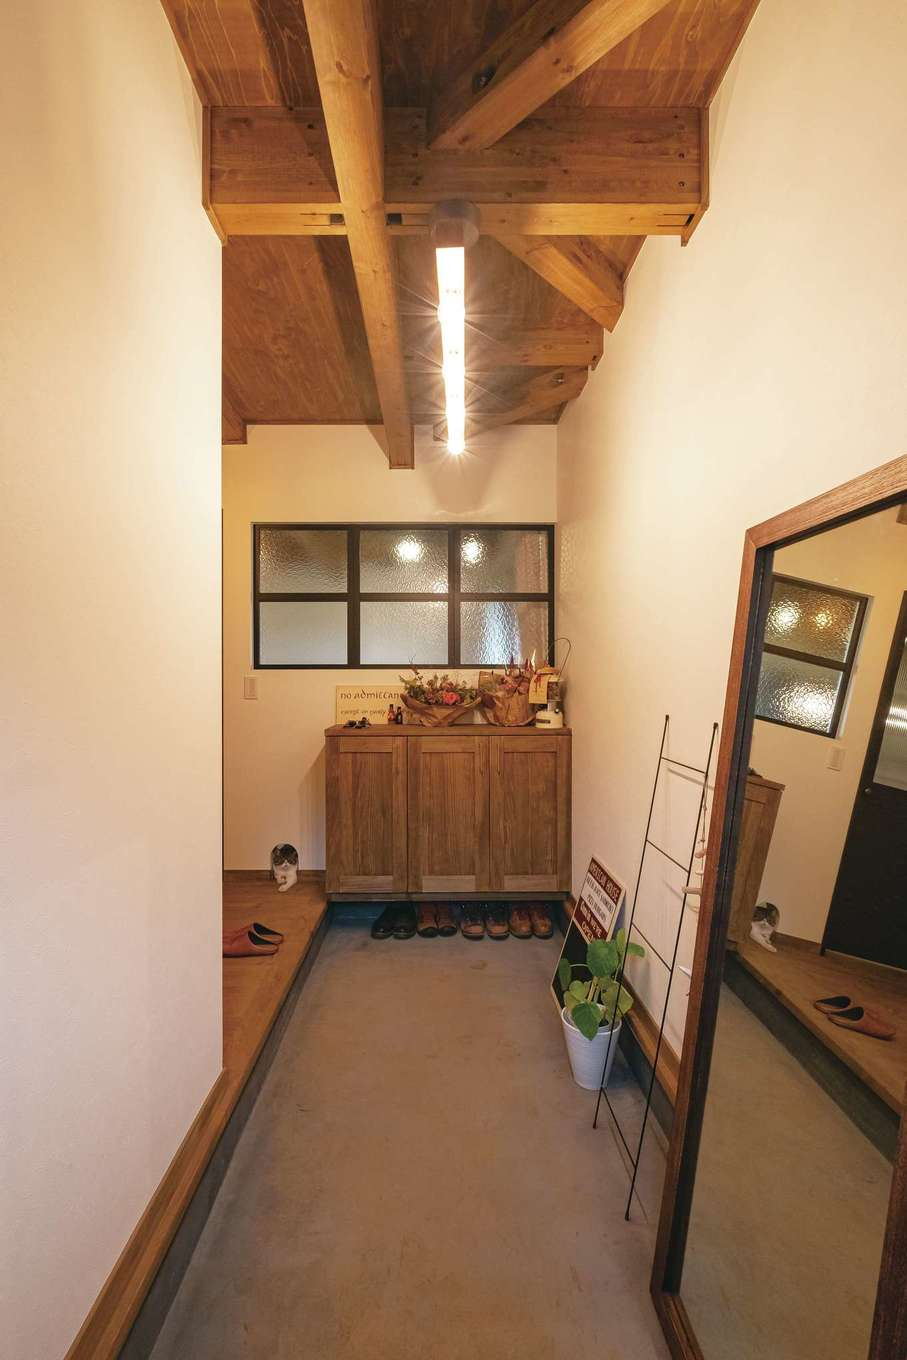 土間仕立ての玄関は、宿泊できる展示場「SHARESラグーナ蒲郡」の一棟を参考に。光と気配を運ぶデコマドがアクセント